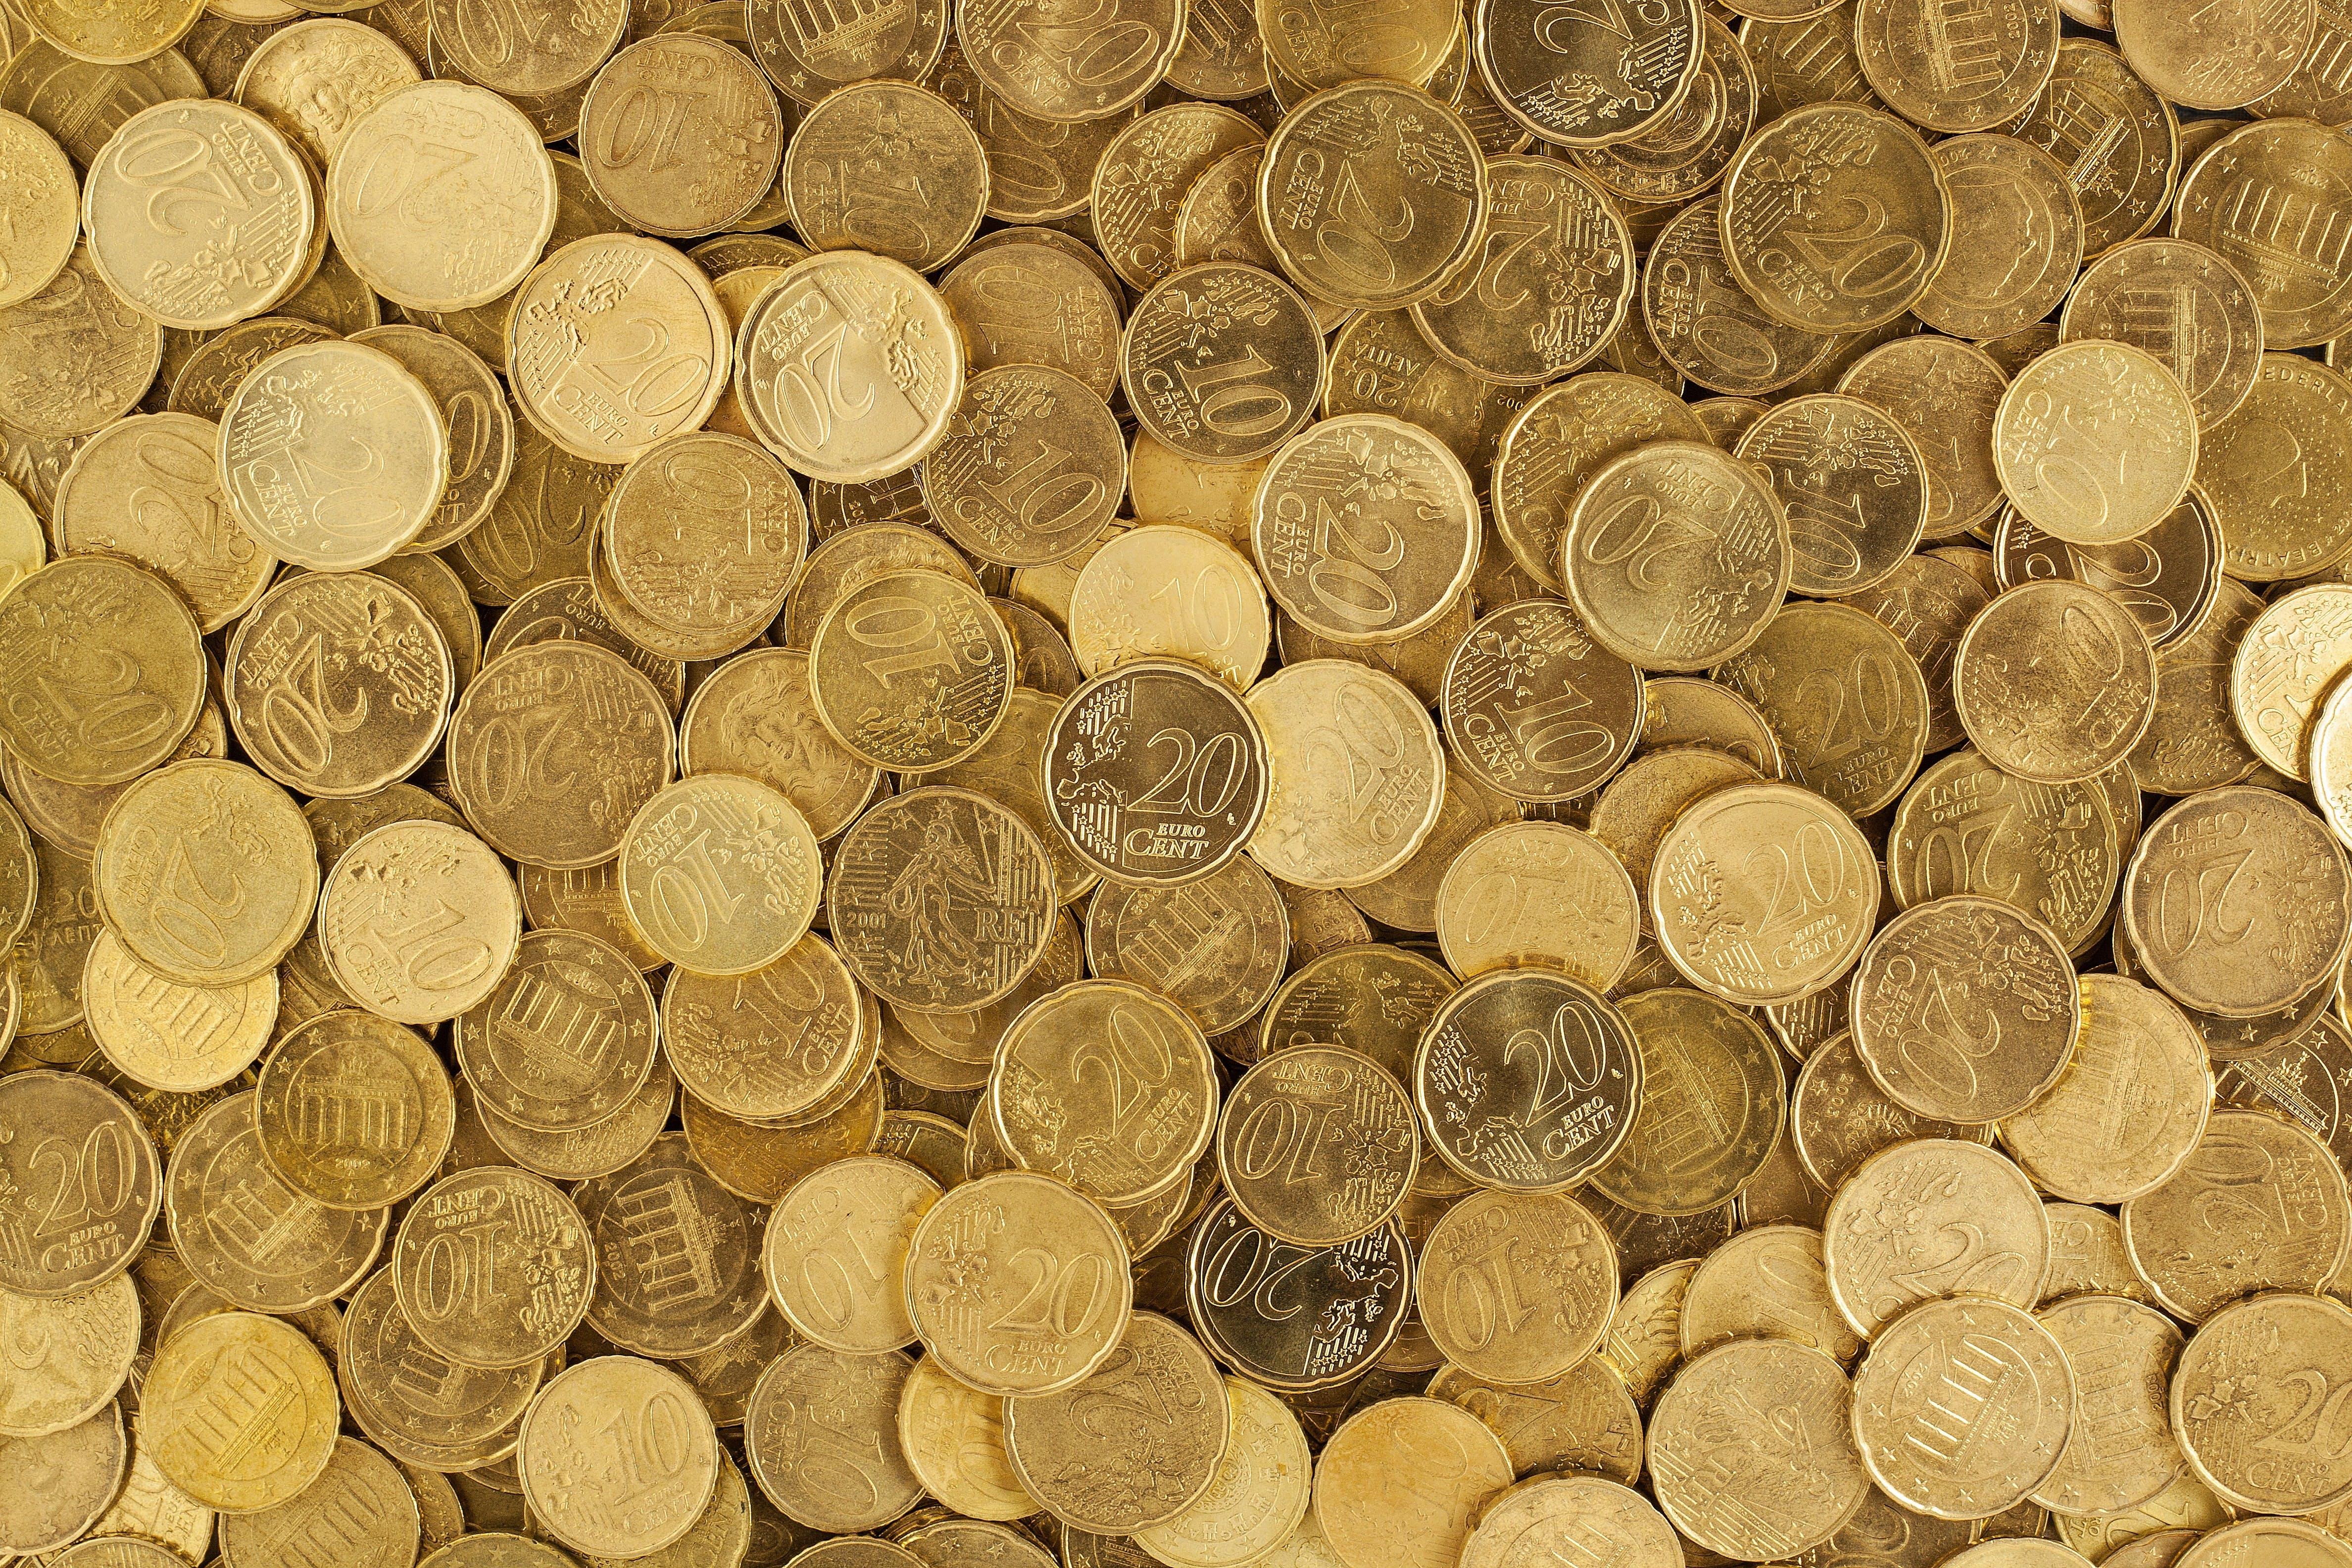 Titelbild-Ersparnisse-Euro-Cent-Geld-Münzen-Vergütung-pexels-106152-Pixabay